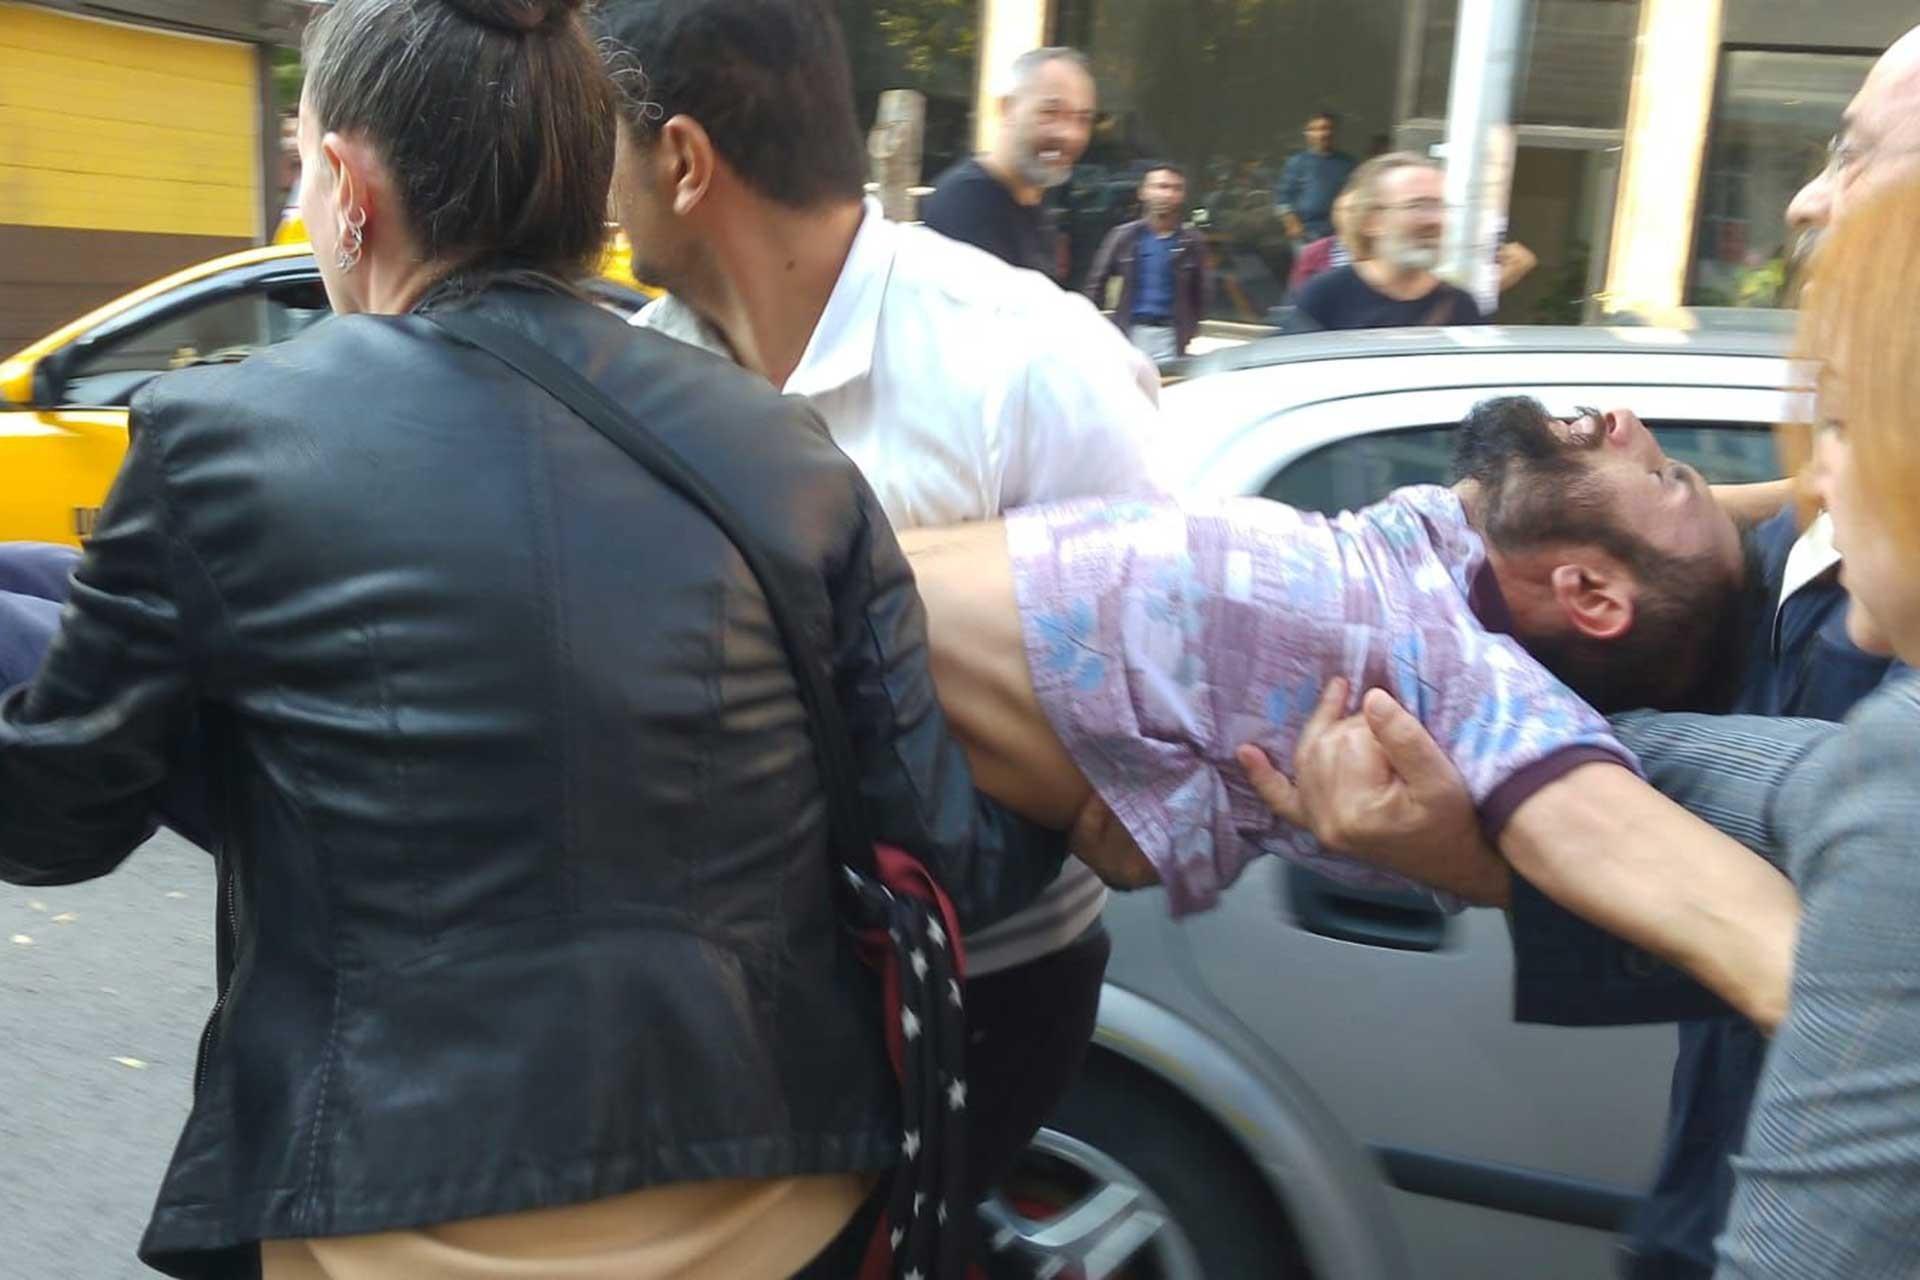 HDP Eş Genel Başkanı Temelli'nin de olduğu HDP'lilere polis müdahalesi: 3 yaralı